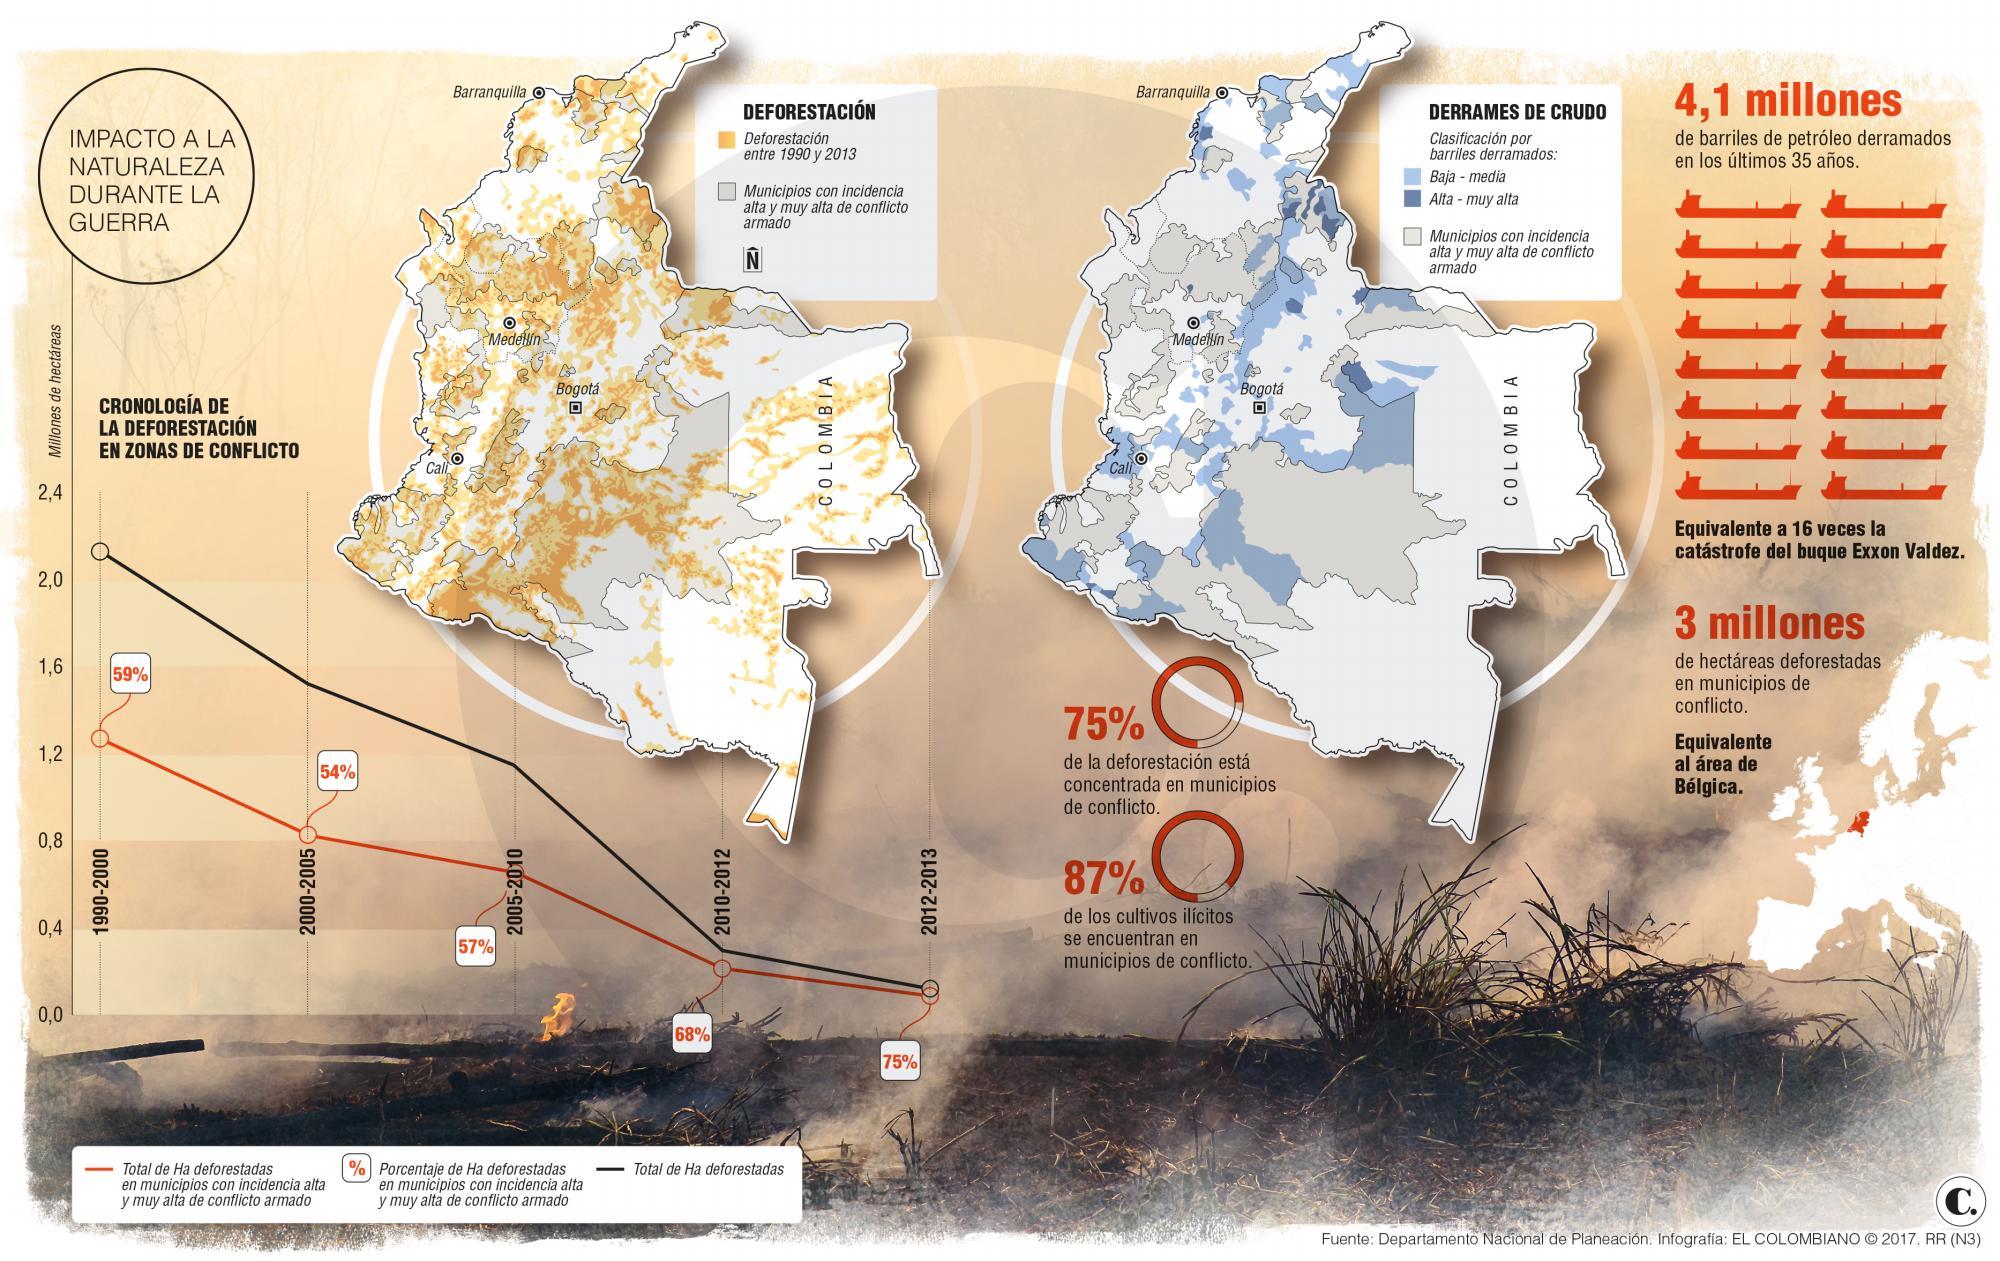 Conservación de bosques colombianos en el posconflicto